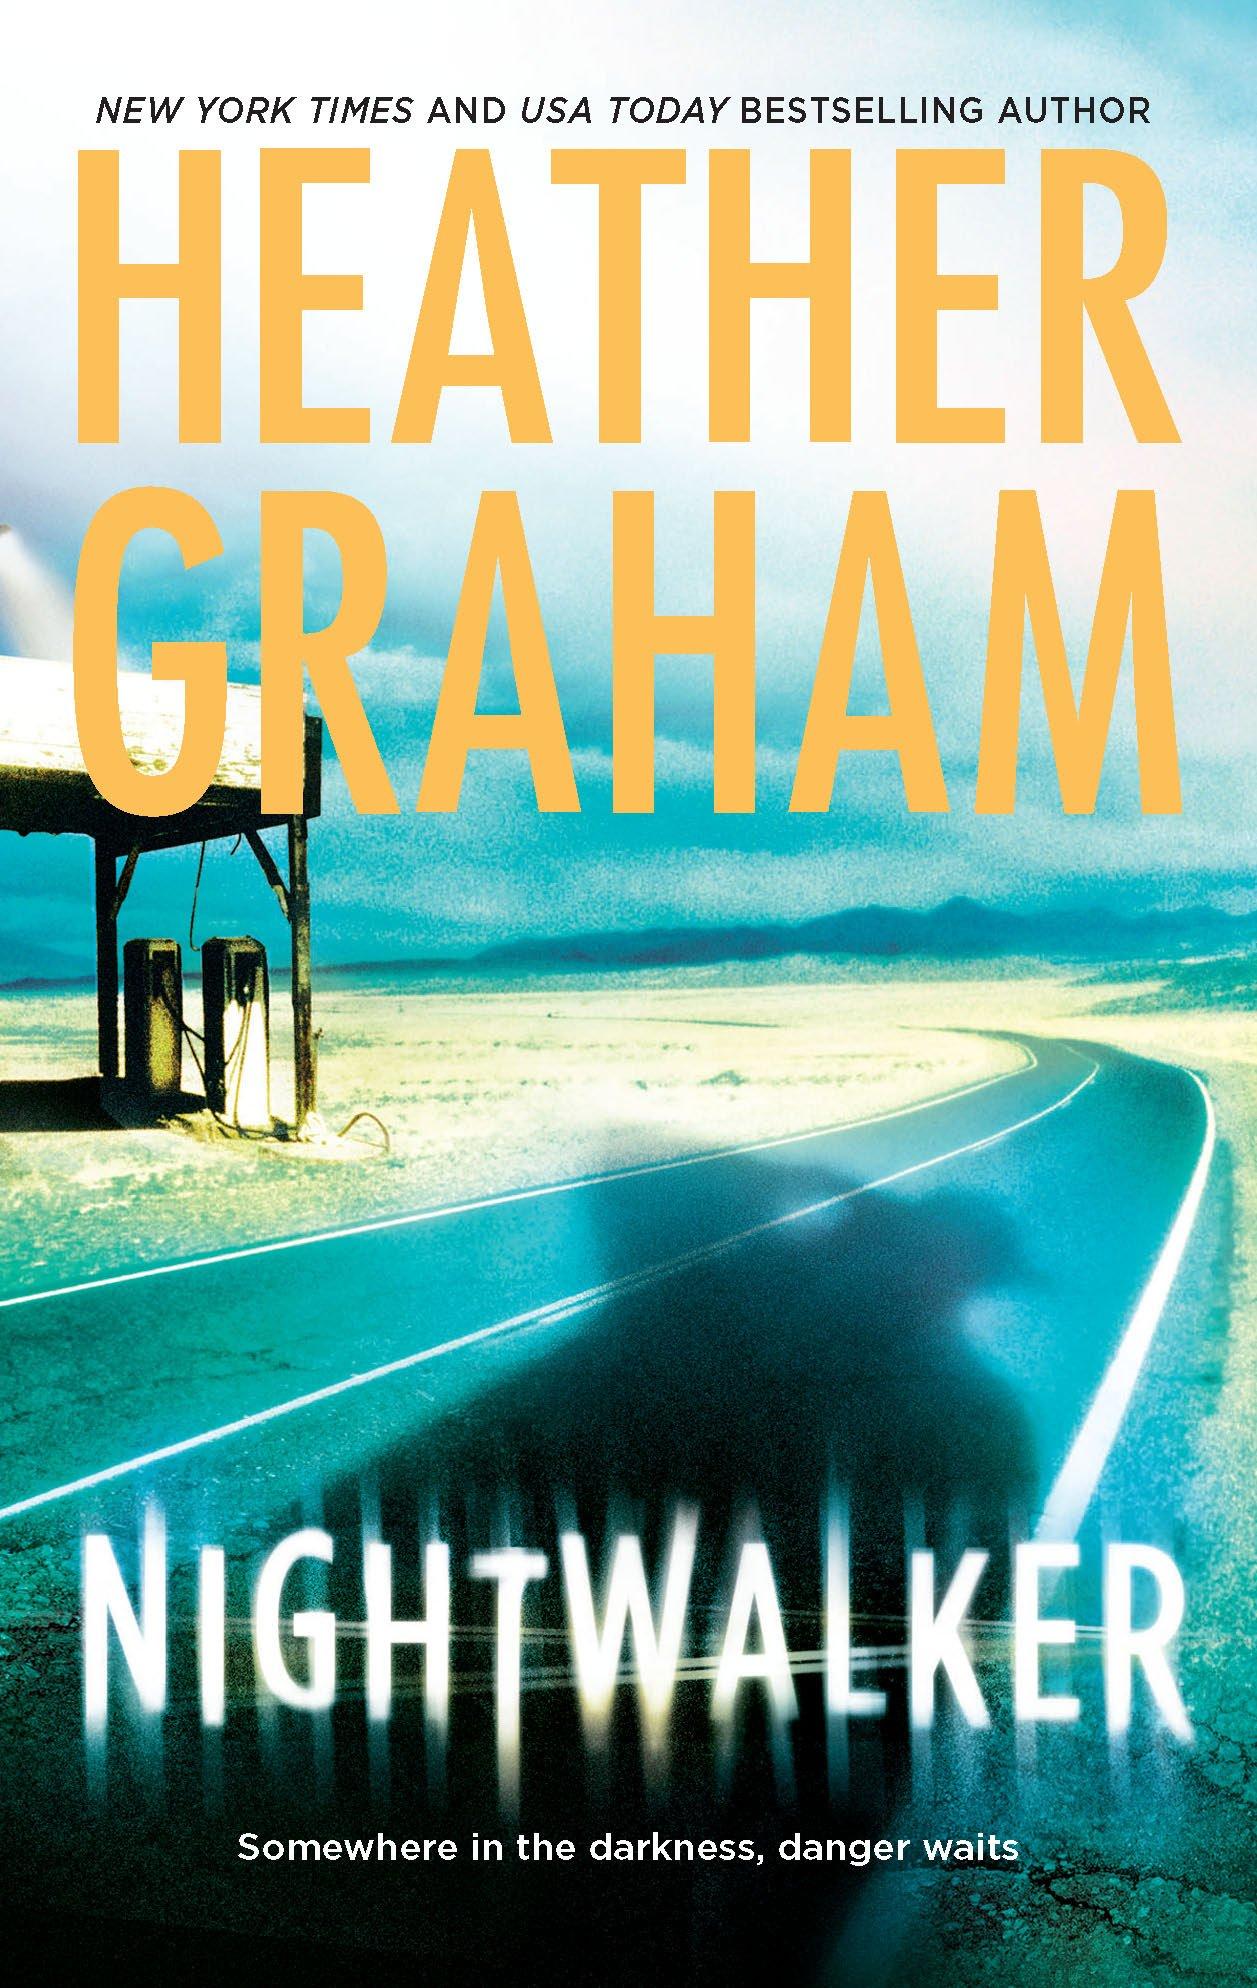 Nightwalker by Mira